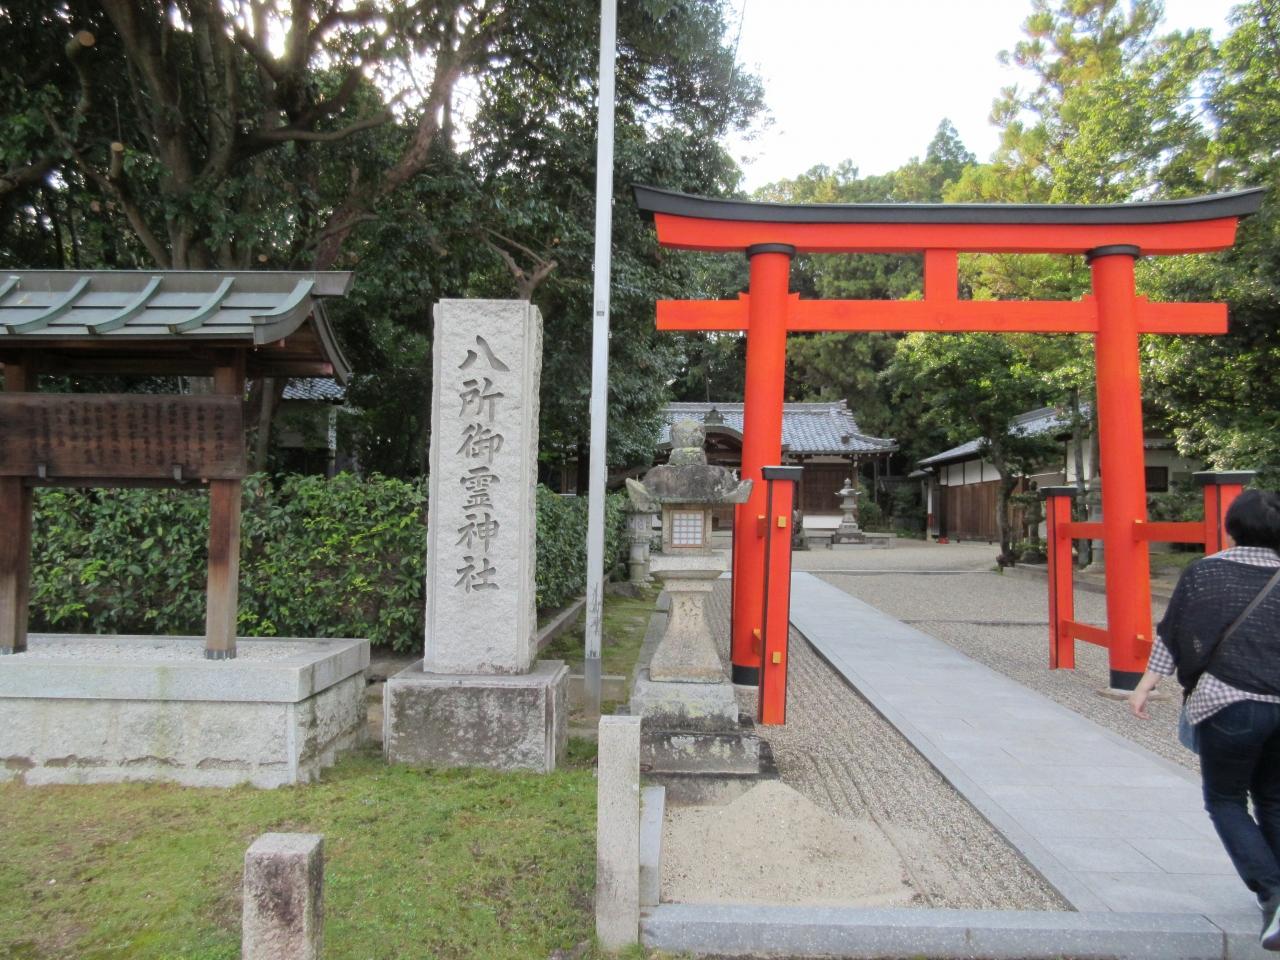 八所御霊神社 クチコミガイド【フォートラベル】|奈良市